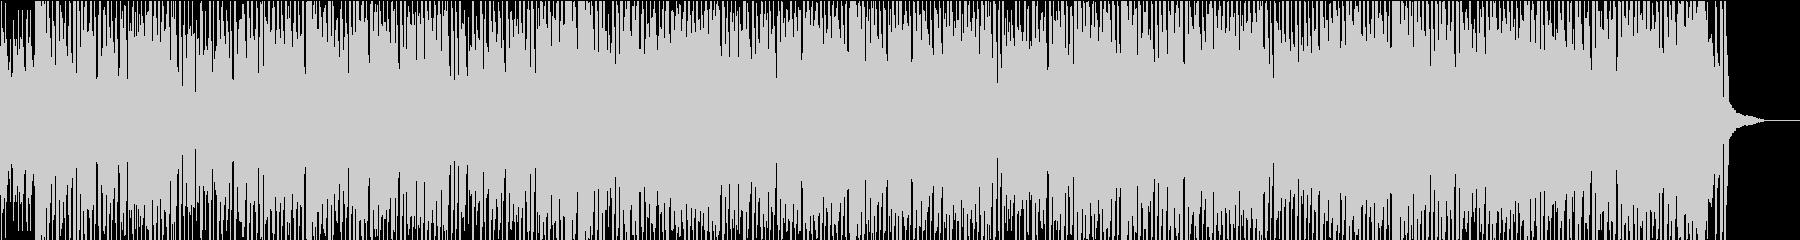 エスニックポルカアコーディオンのダンス曲の未再生の波形